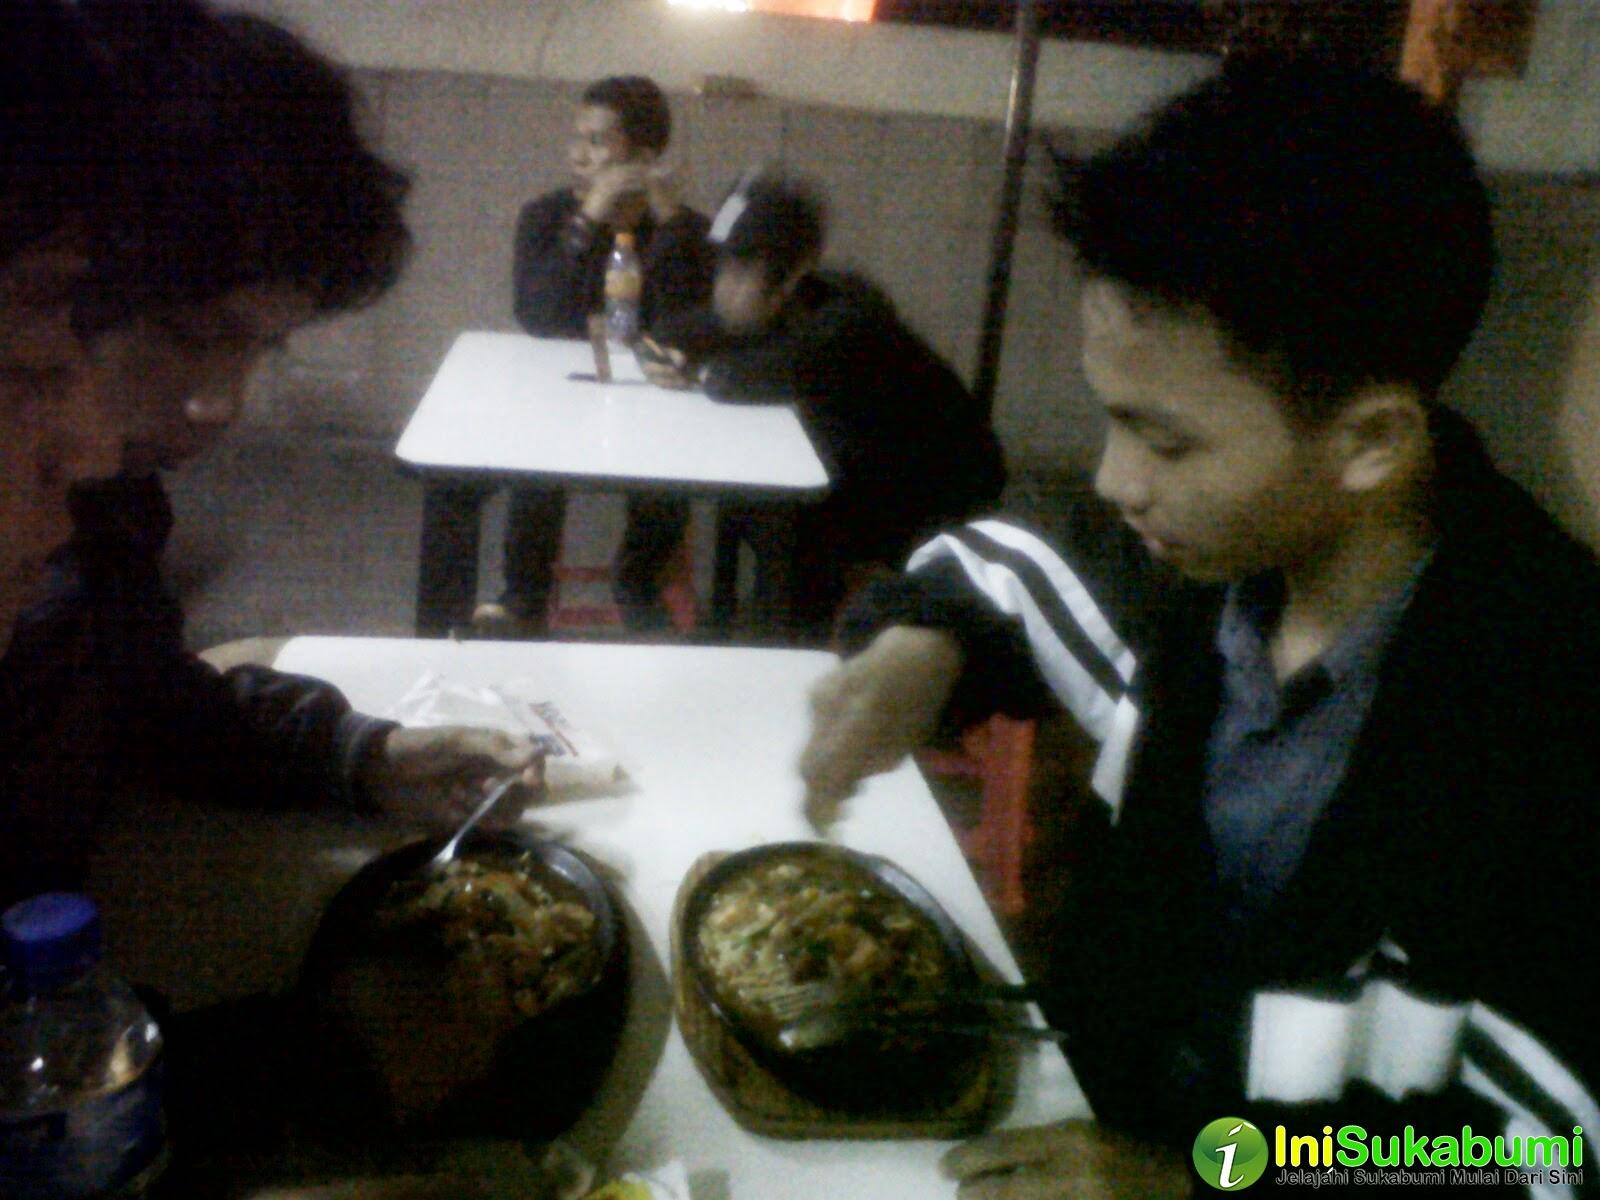 Yogya Food Court